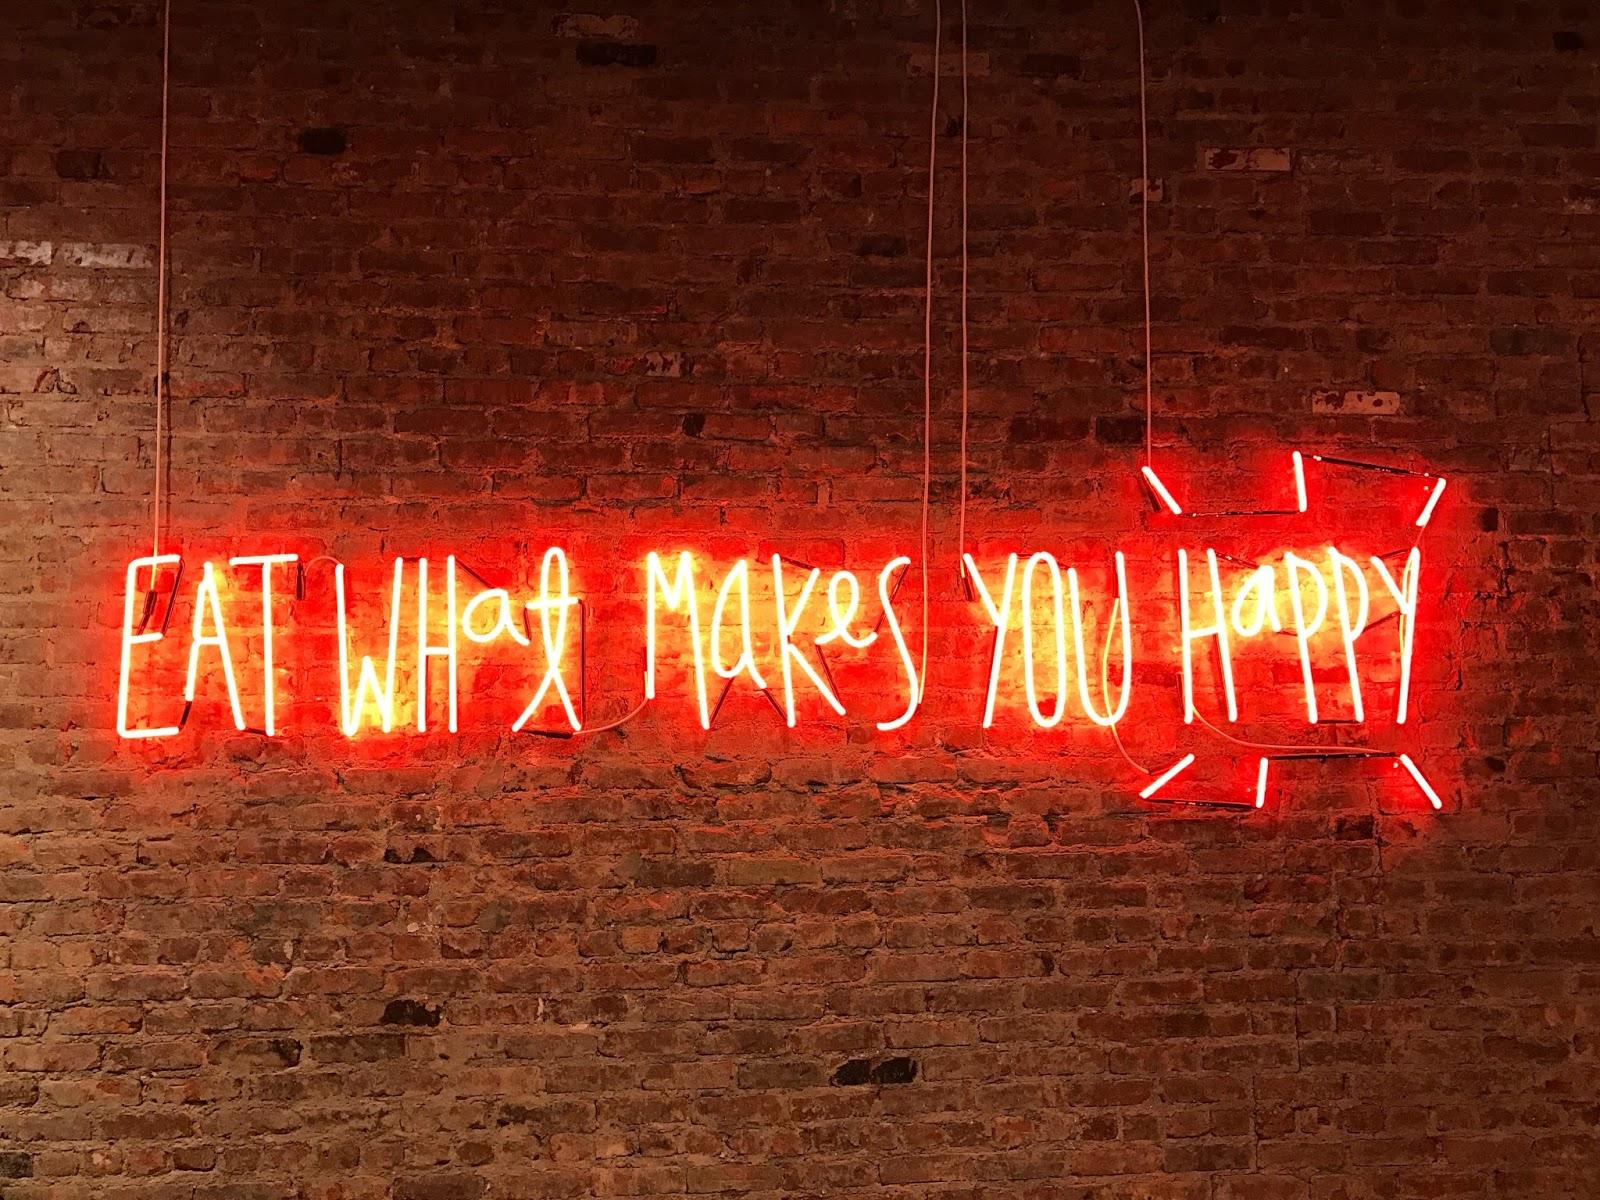 Eat What Makes You Happy - Jon Tyson